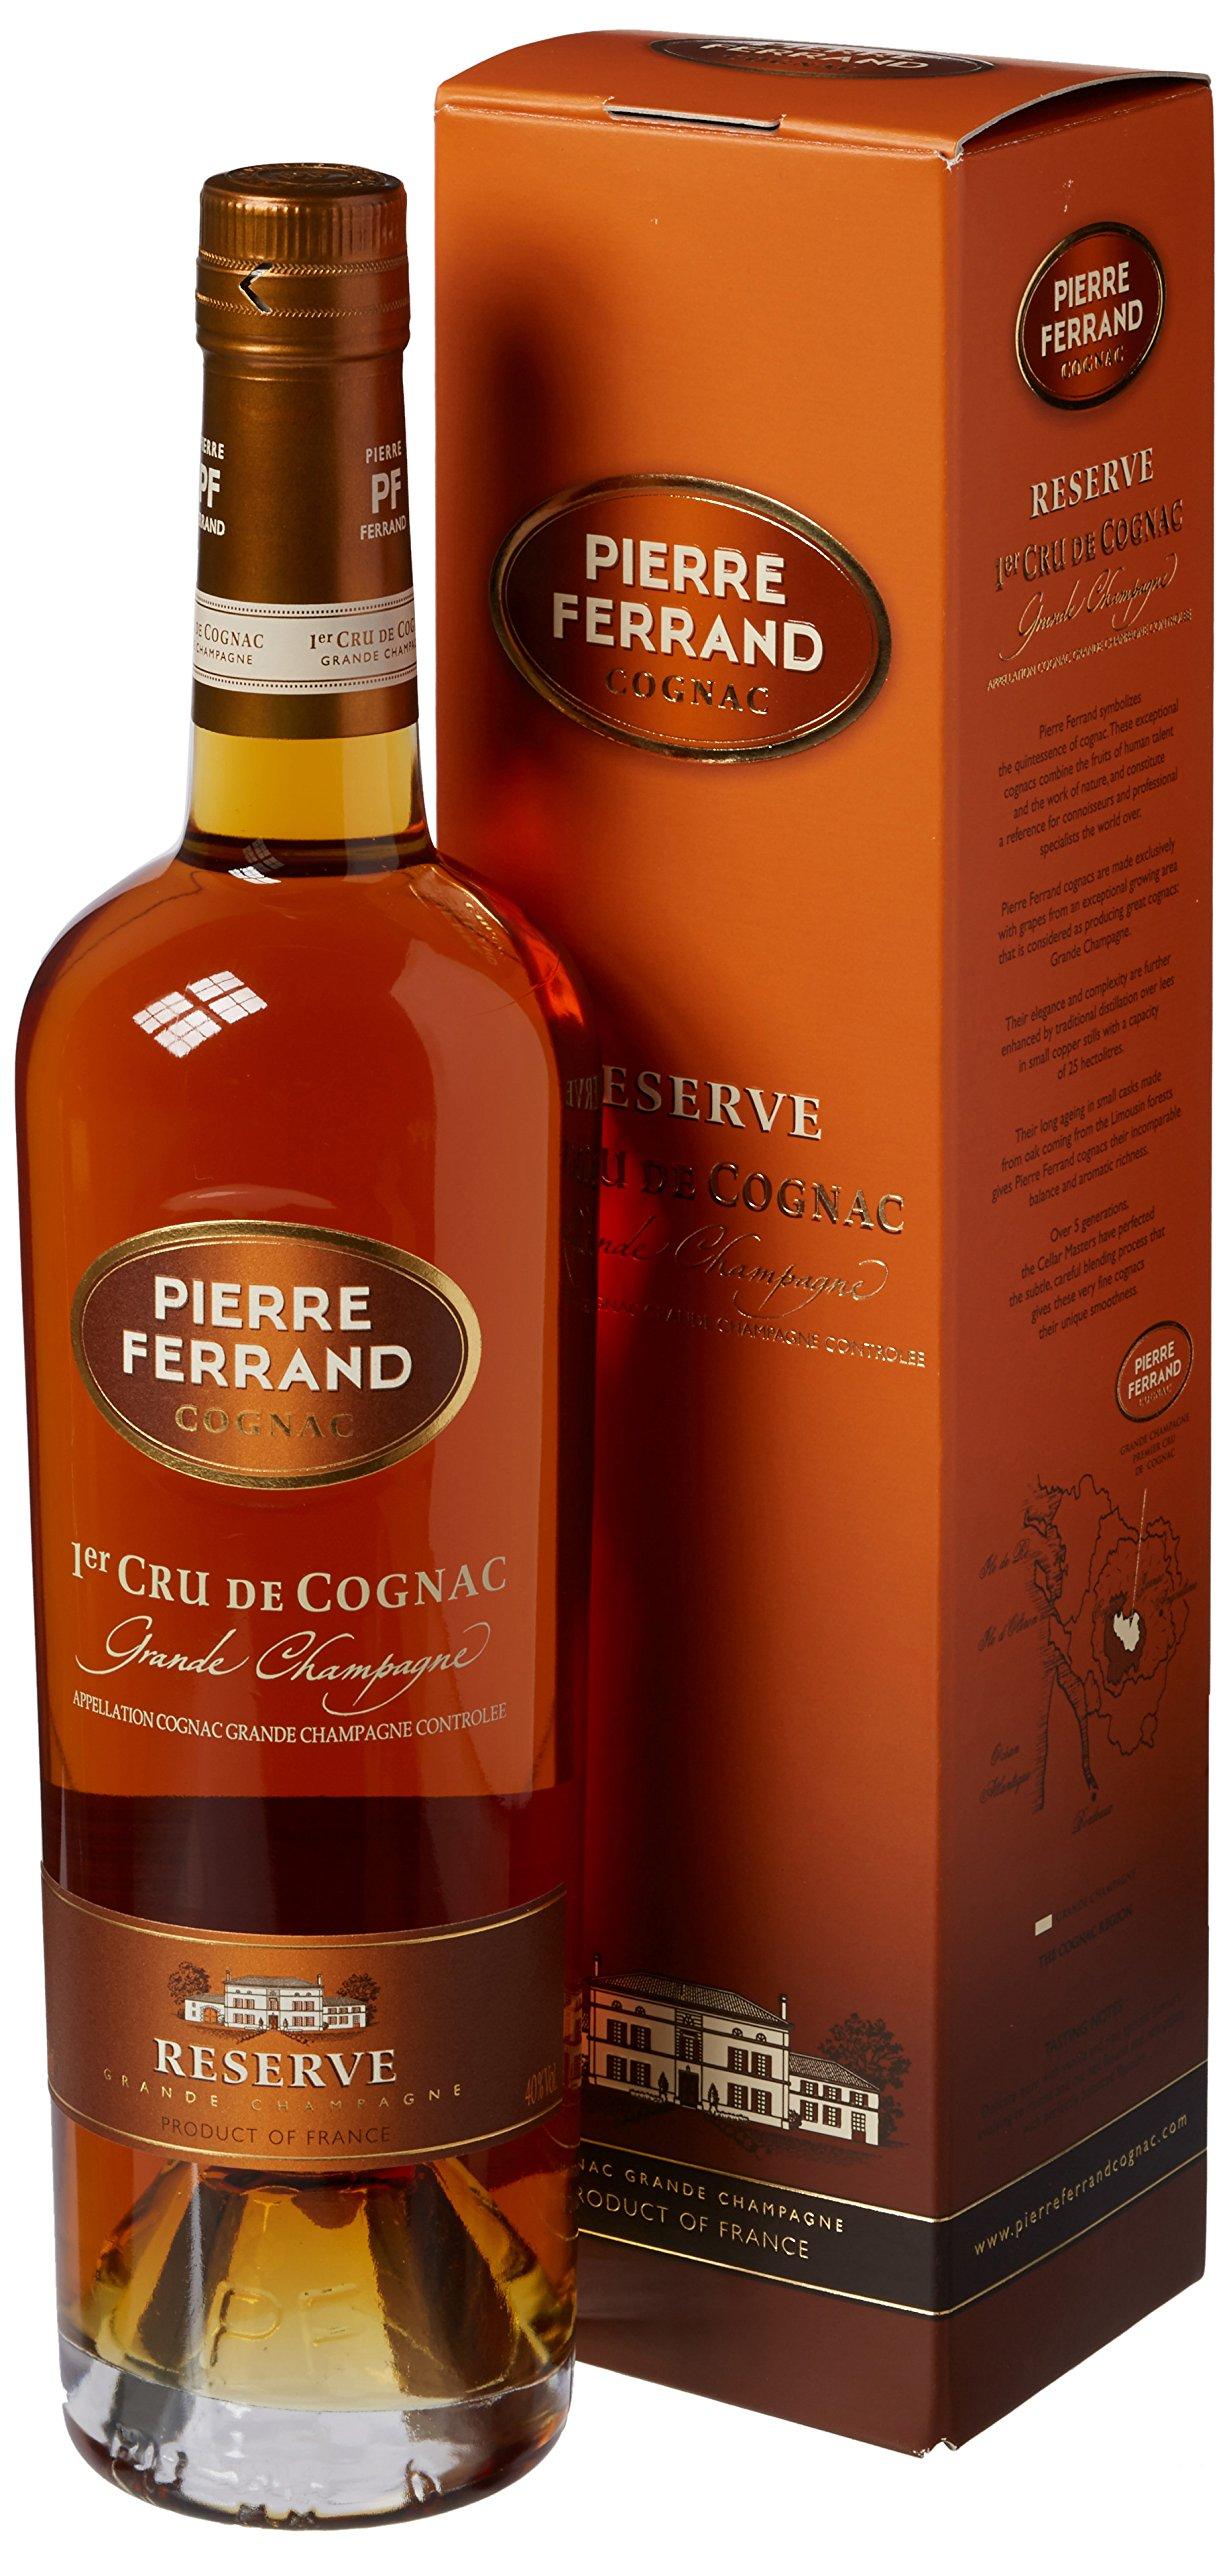 Pierre-Ferrand-Deutschland-GMBH-Cognac-Reserve-Grande-Champagne-1er-Cru-du-Cognac-070-Liter